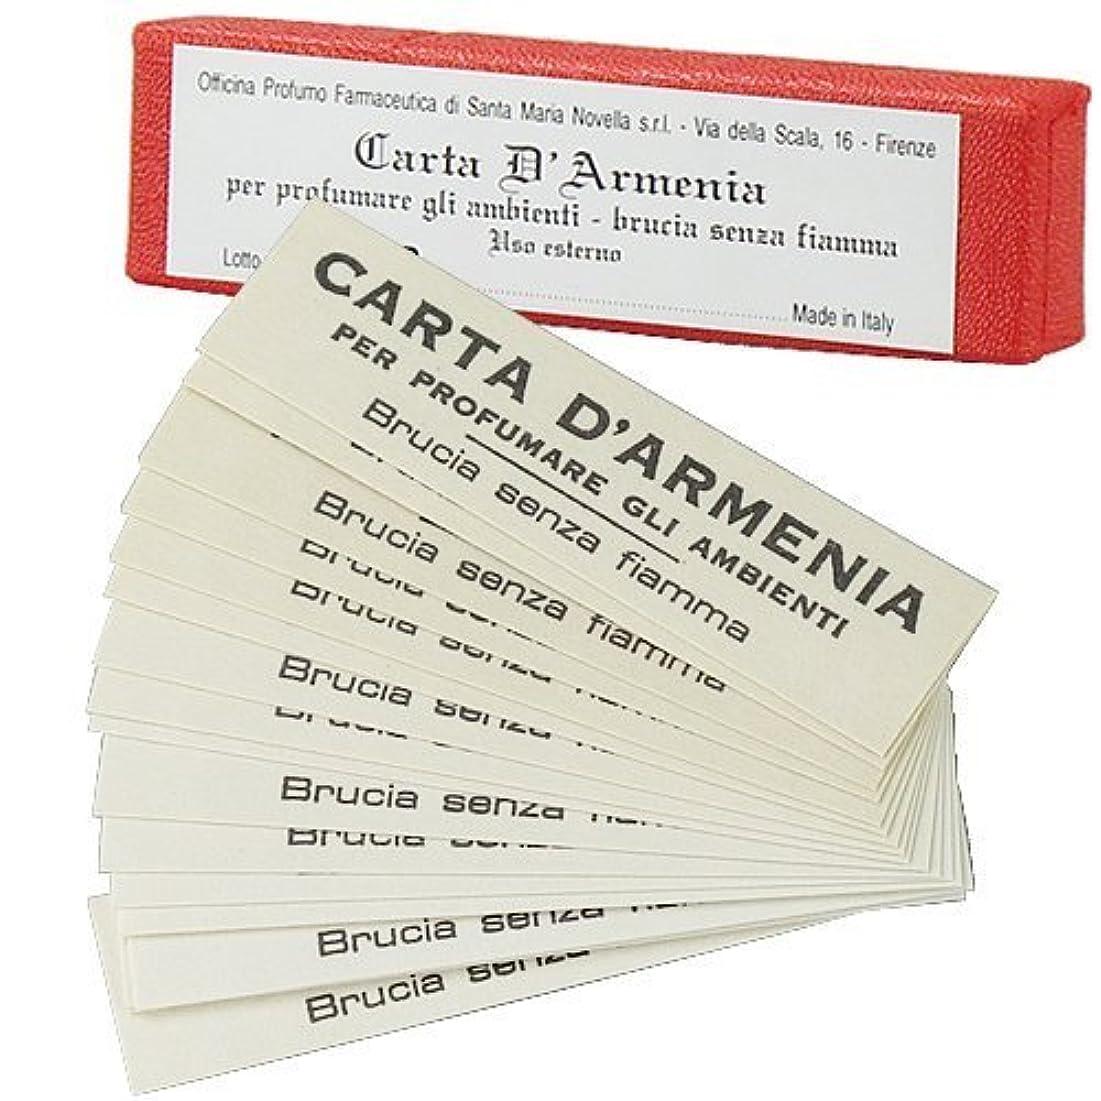 軍艦電信ステップサンタマリアノヴェッラ アルメニア紙(お香) [並行輸入品] 18枚入り